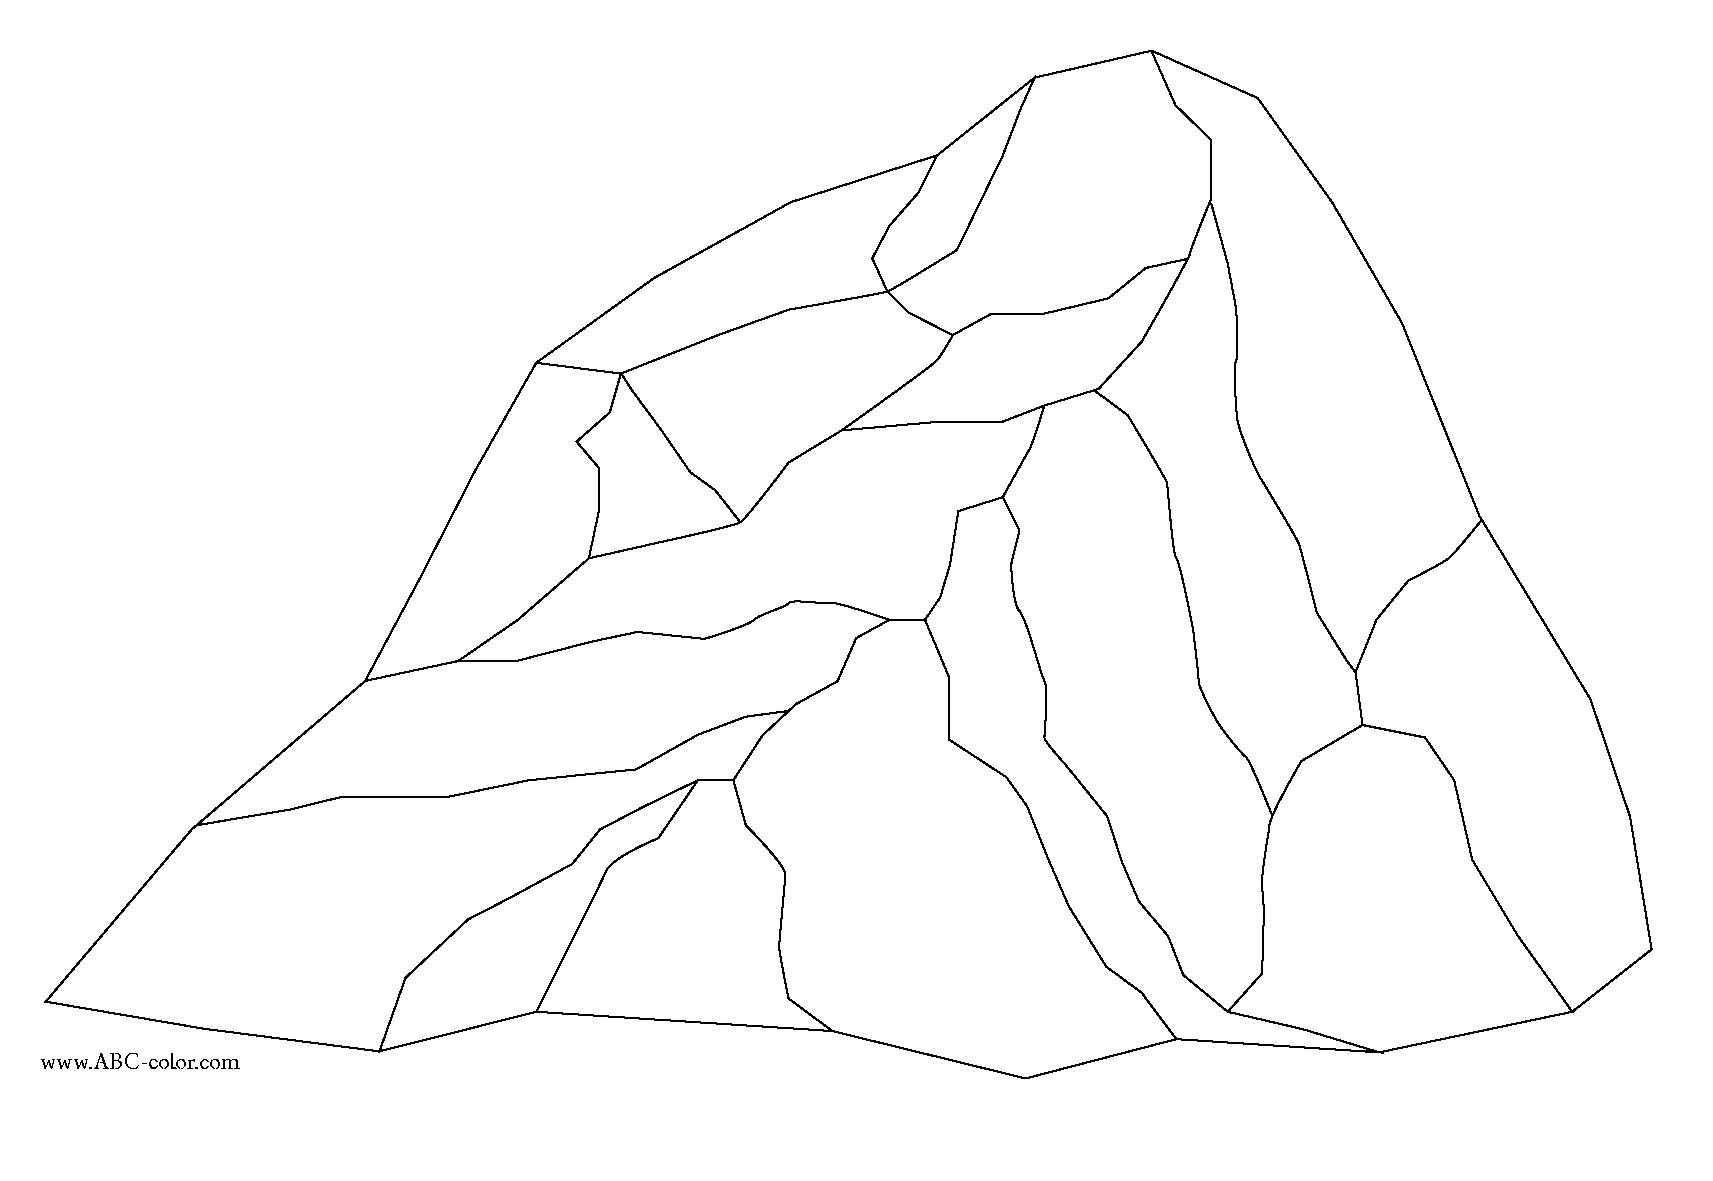 Metamorphic Rock Drawing At Getdrawings